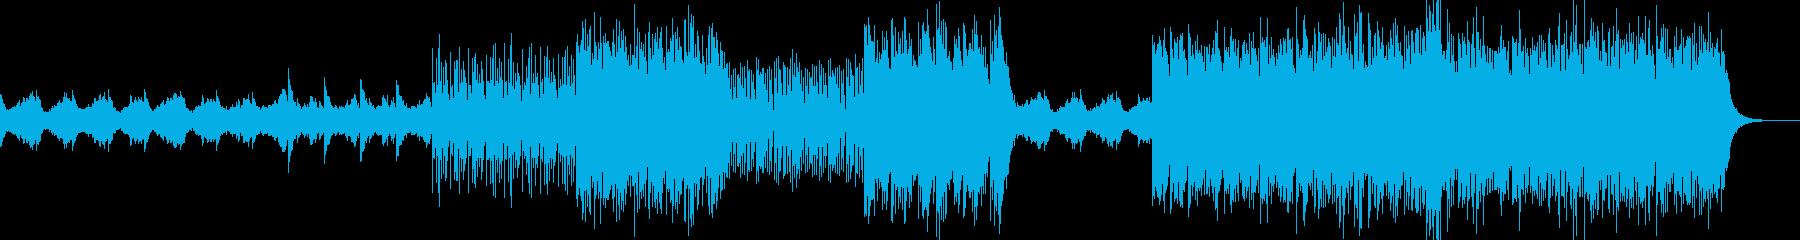 ダウンテンポBGMの再生済みの波形